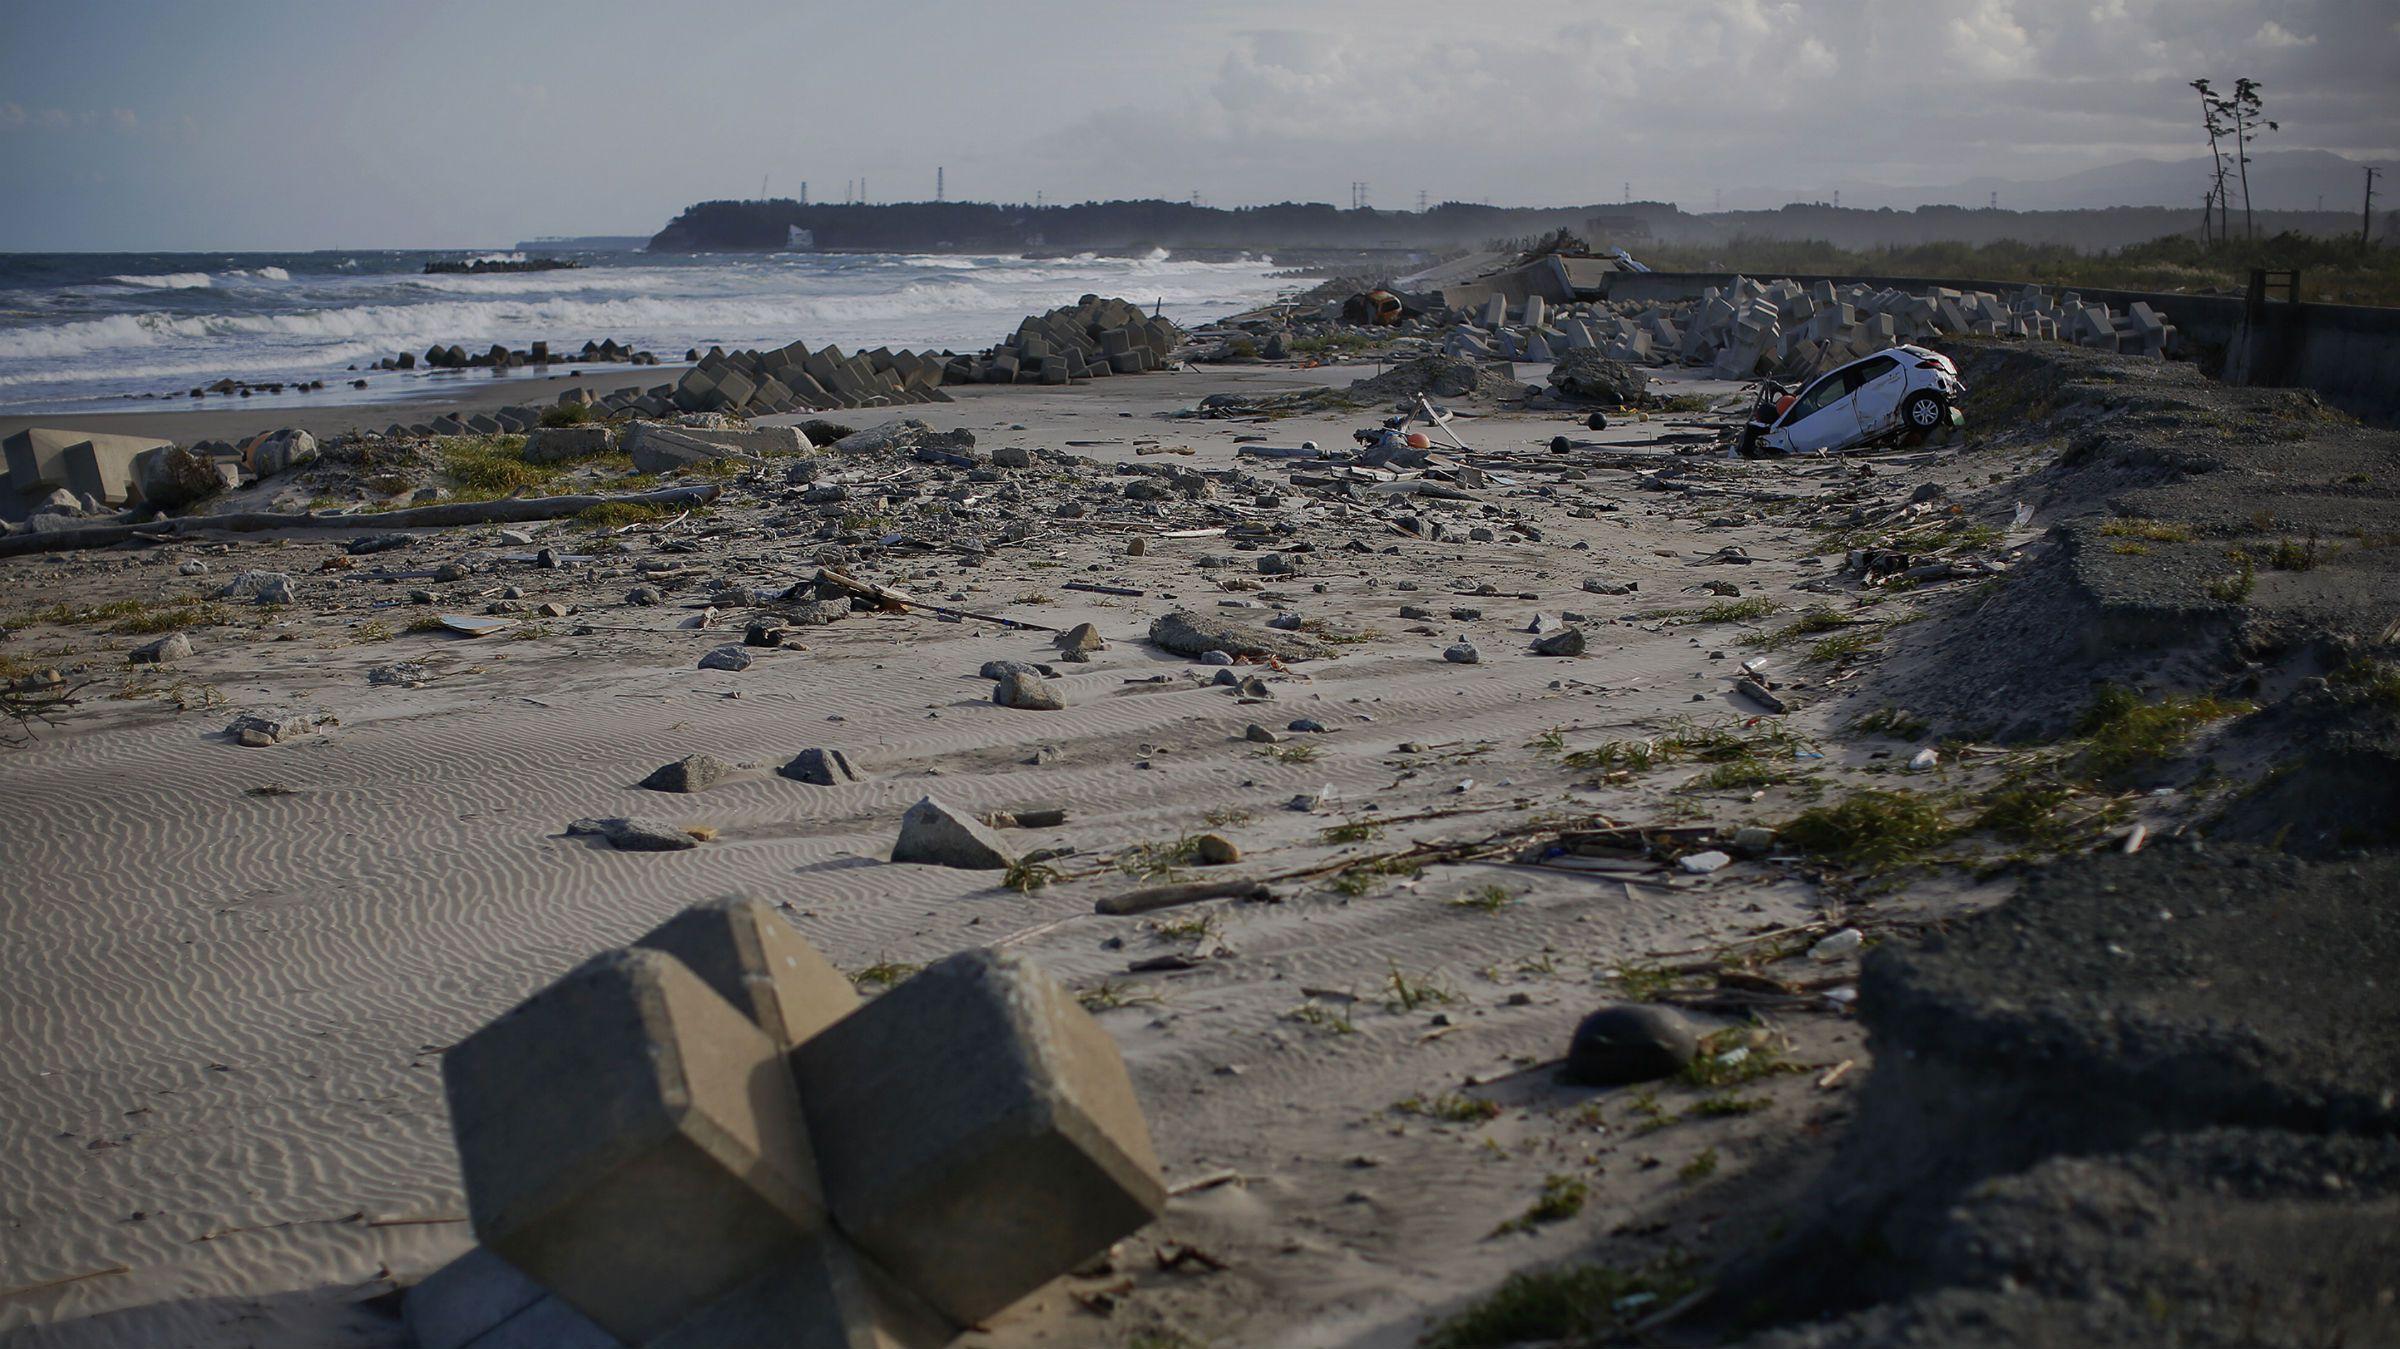 Fukushima beach